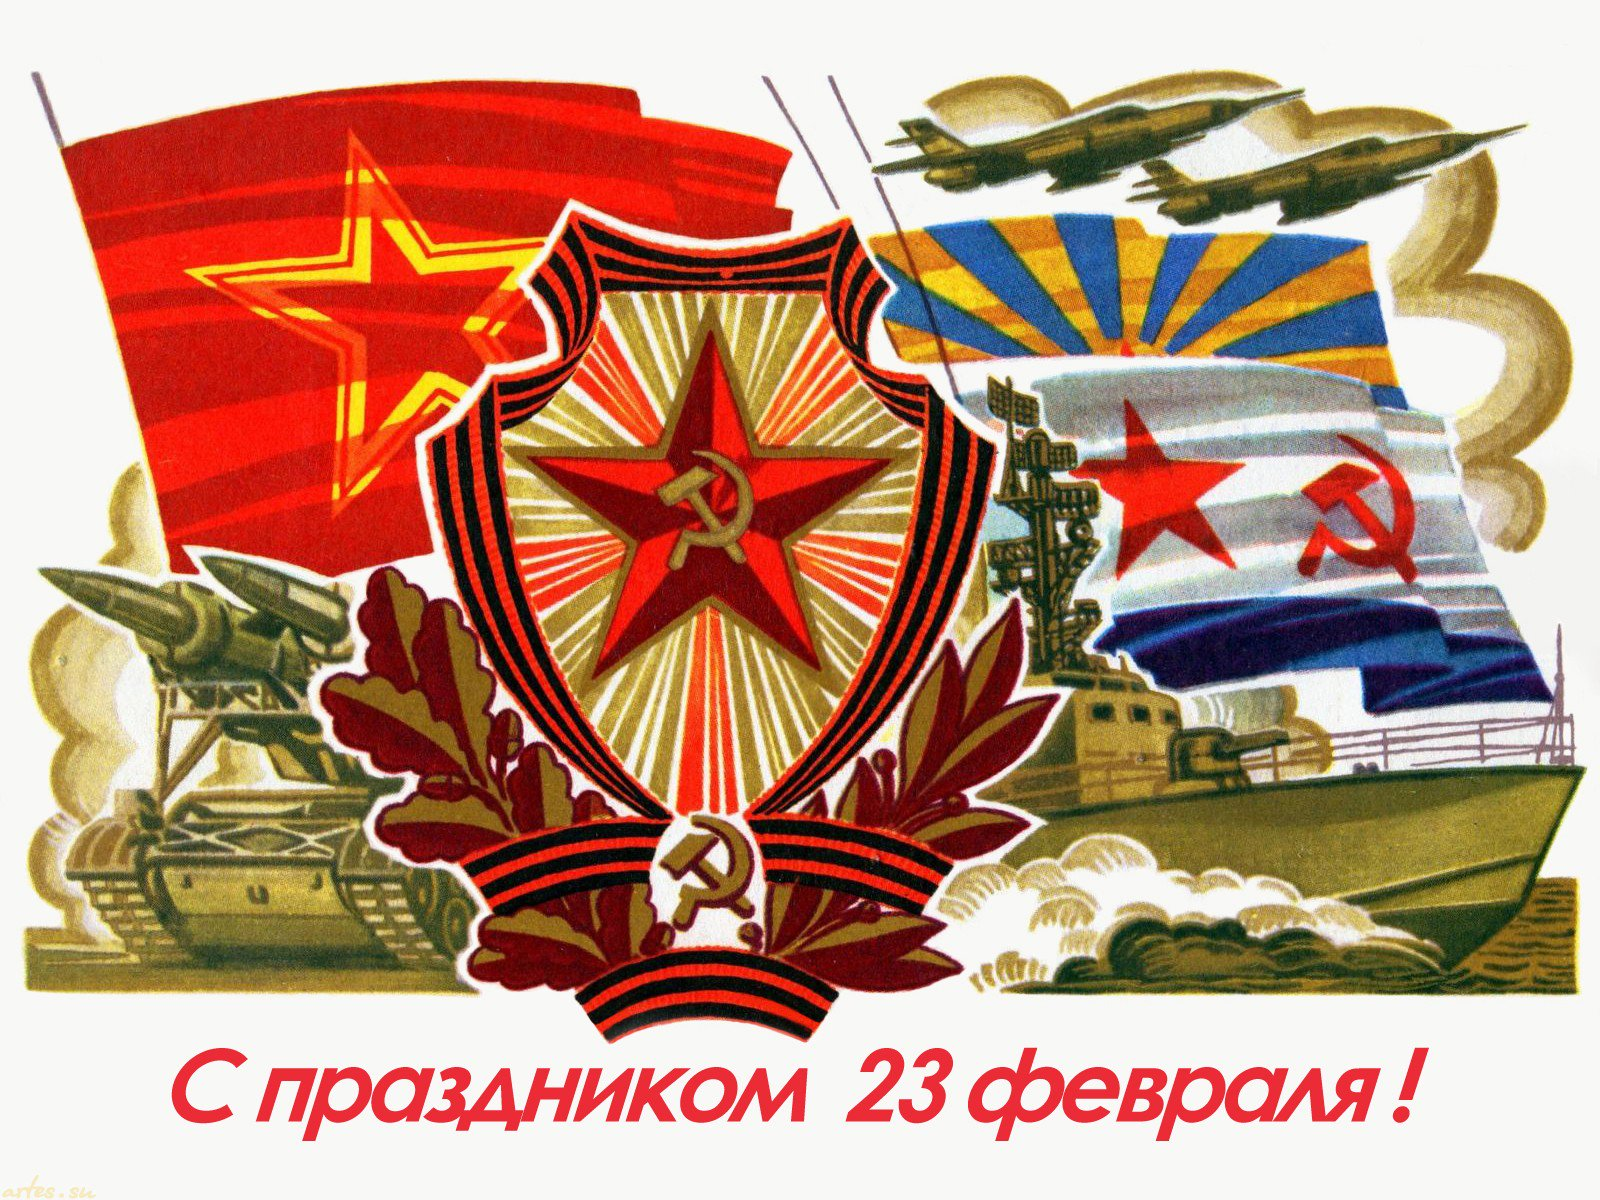 Картинки поздравления с днем советской армии и военно-морского флота